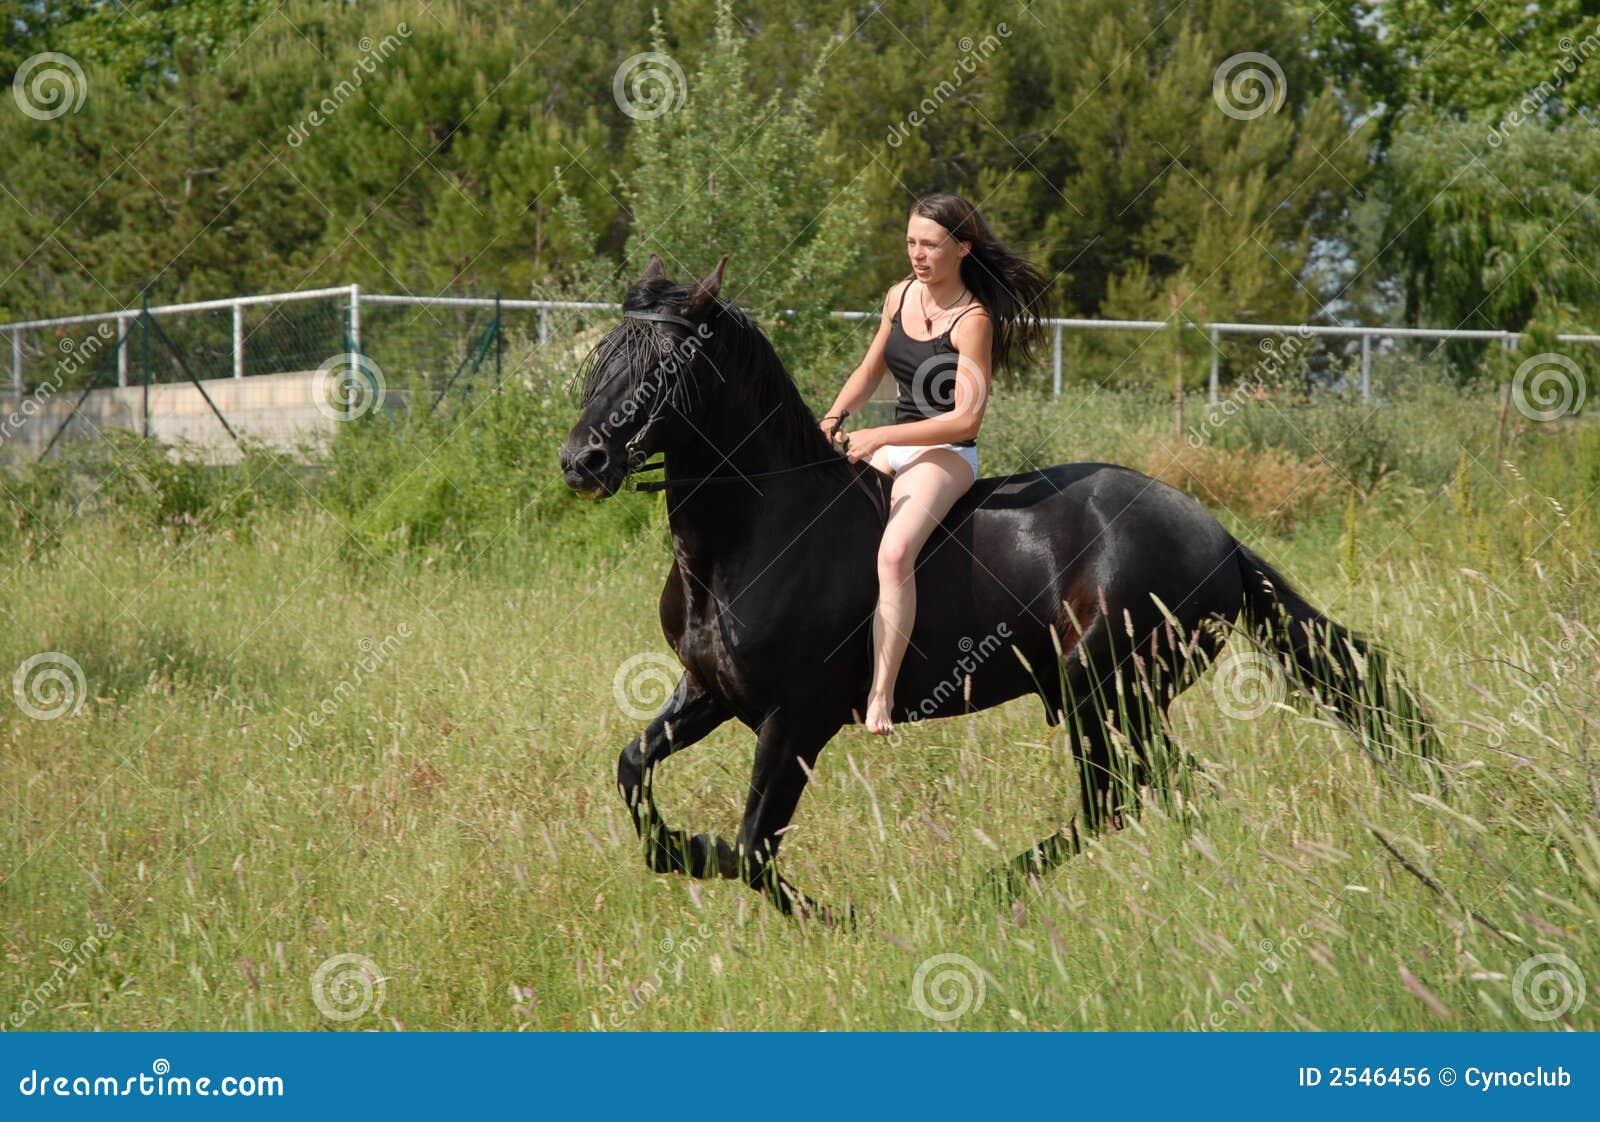 Website Design For Horse Business